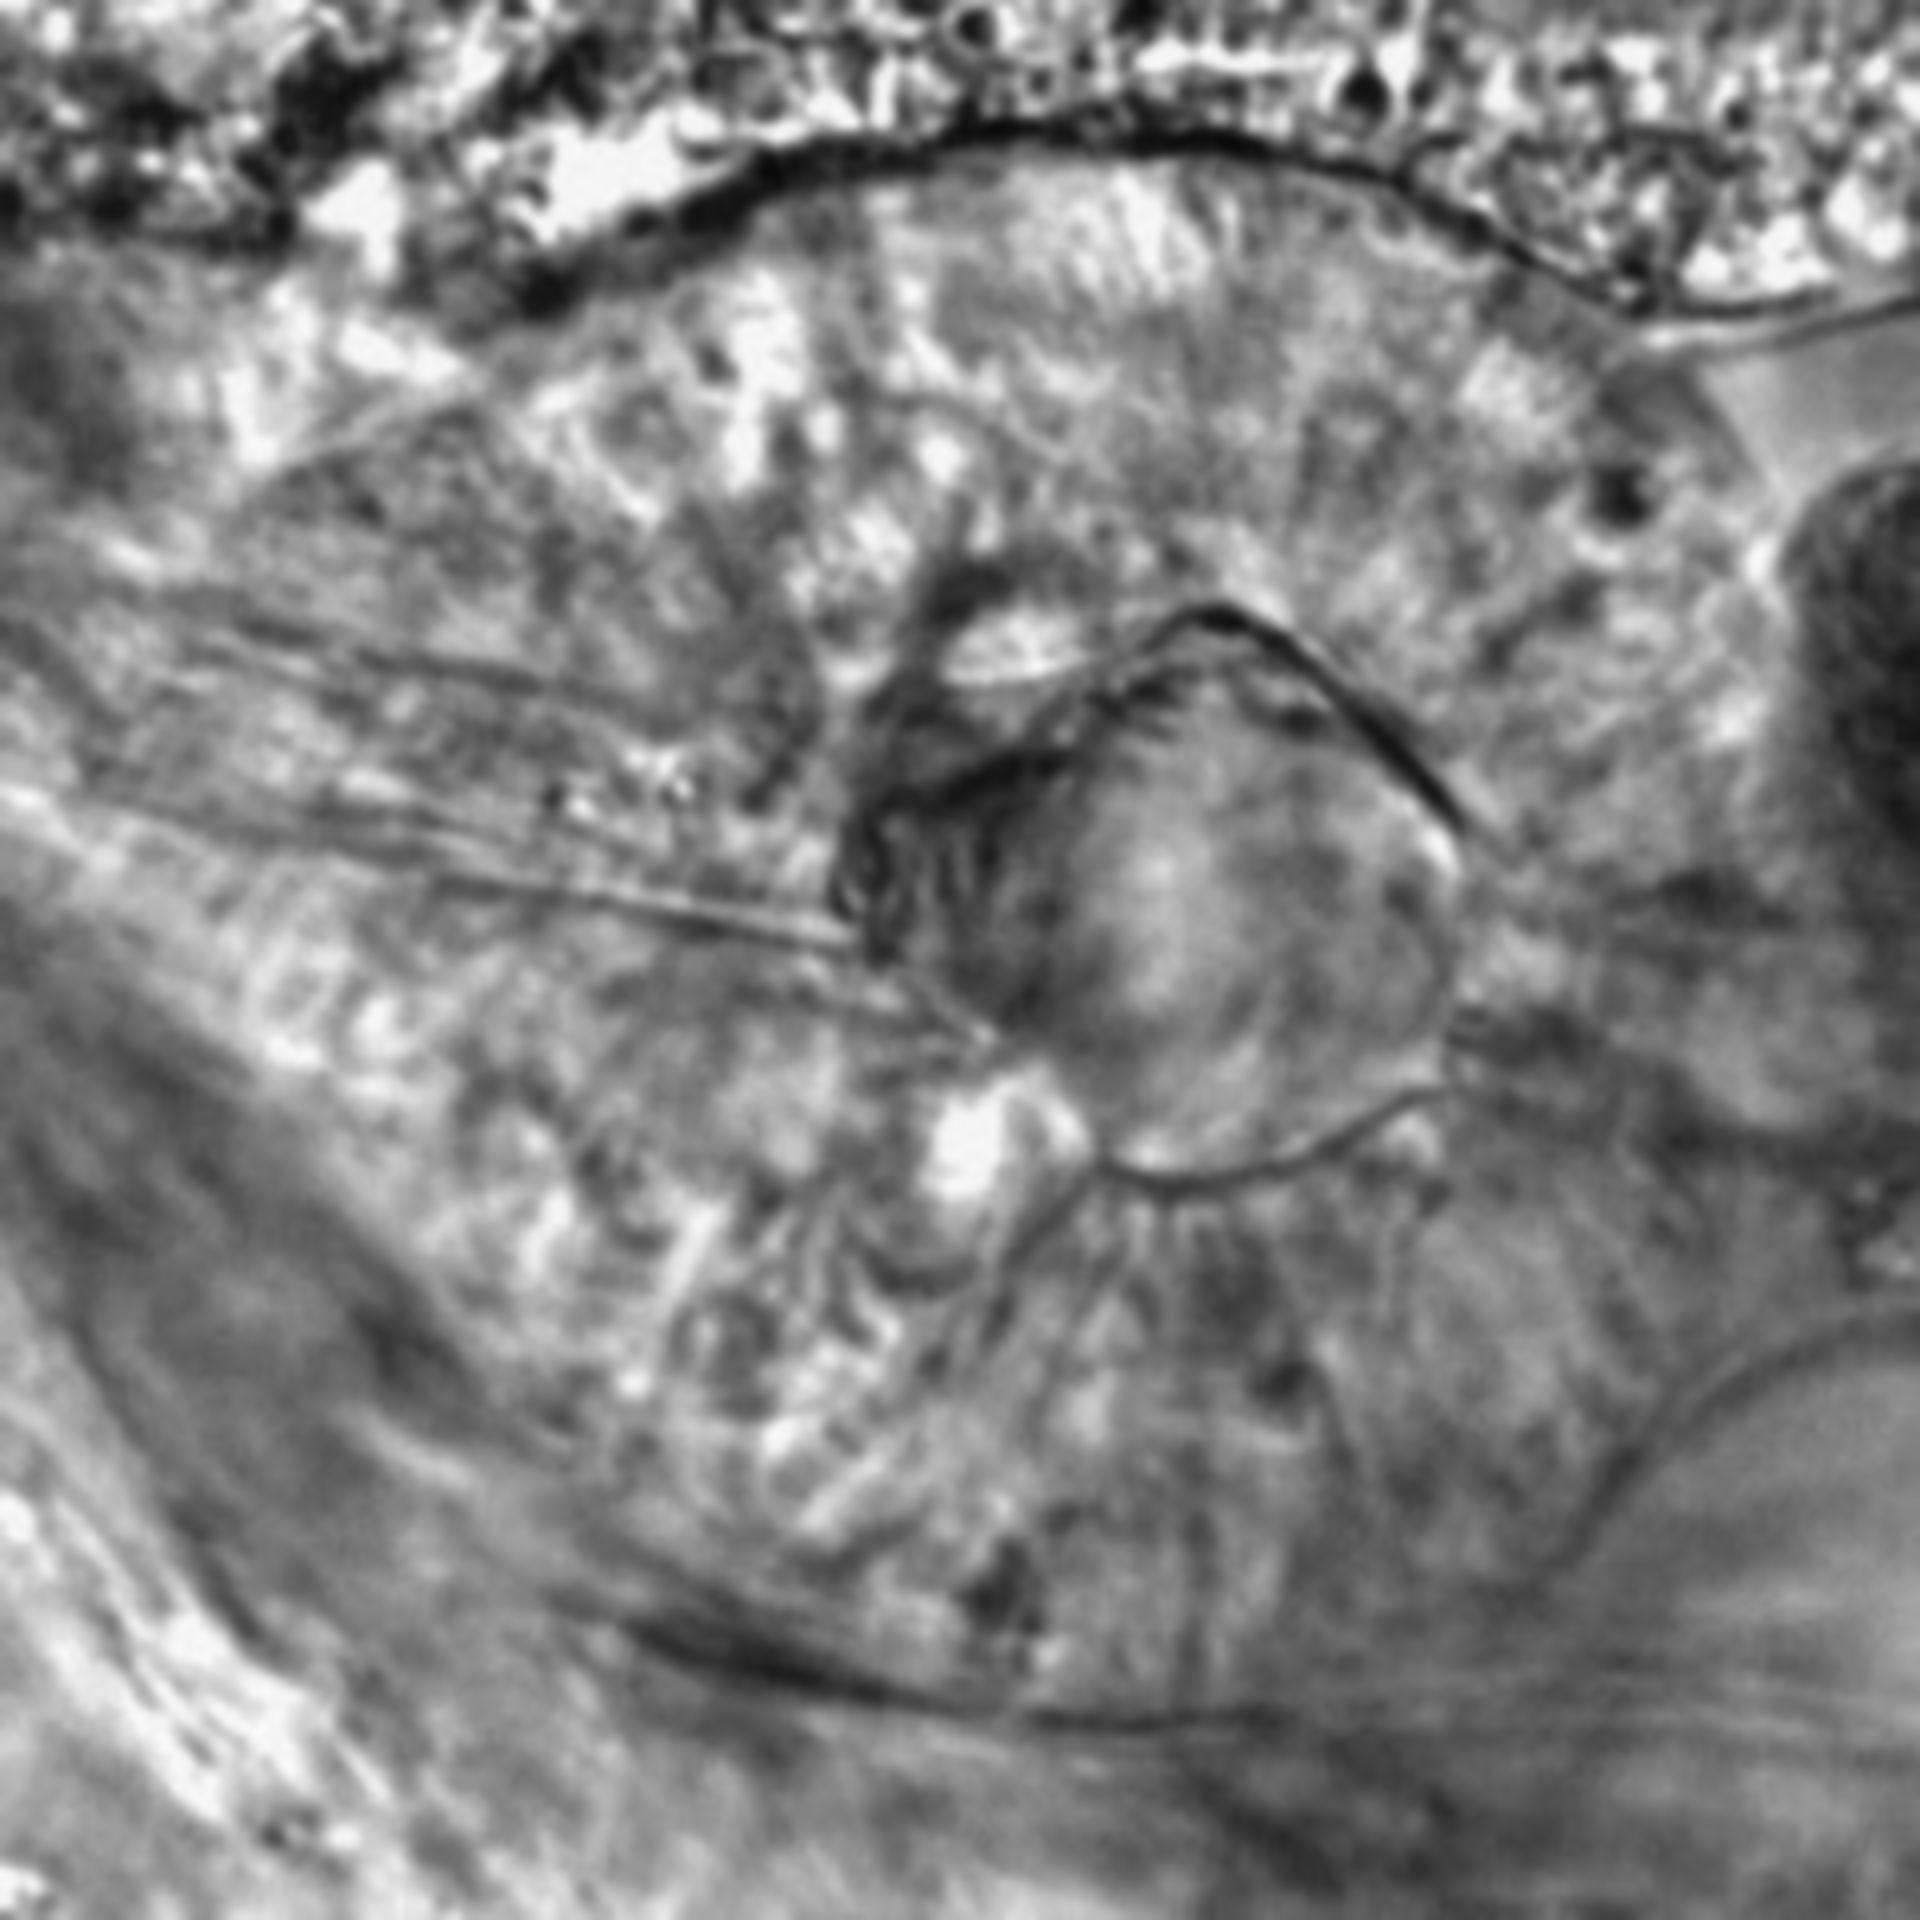 Caenorhabditis elegans - CIL:2592